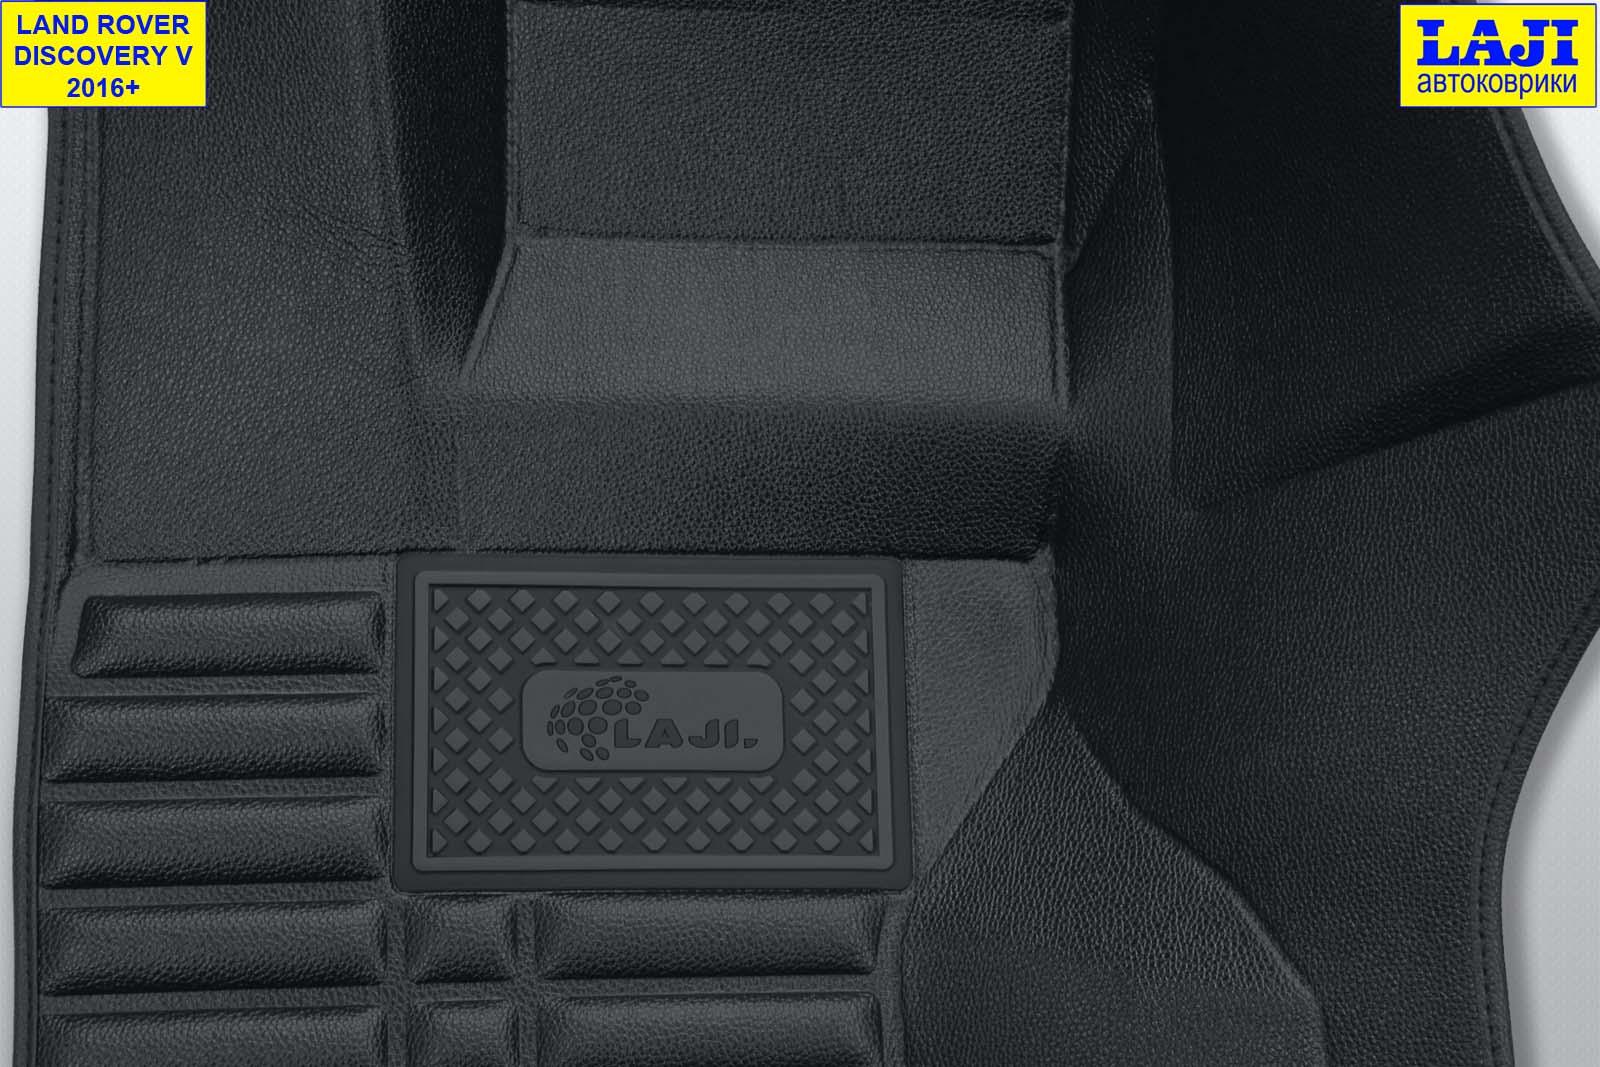 5D коврики в салон Land Rover Discovery 5 2004-2009 7